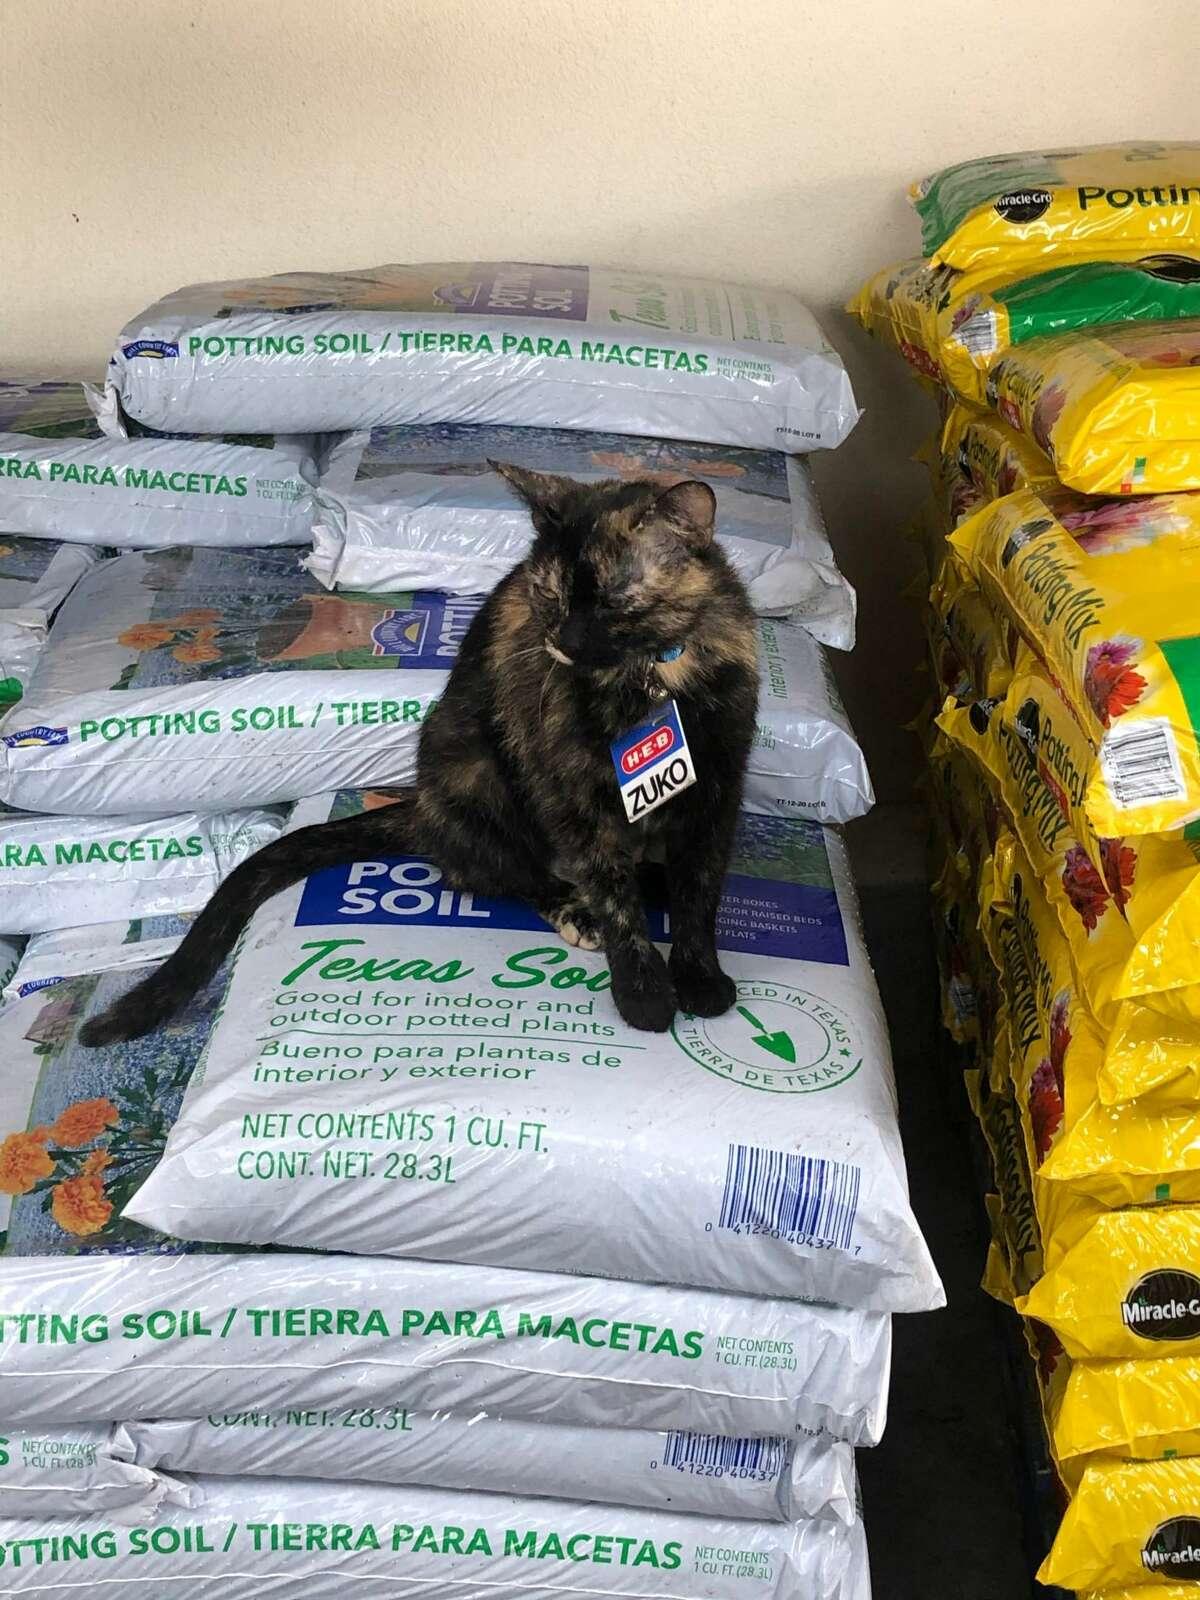 Mica Mendoza told MySA.com she saw Zuko in the garden center last Friday while at the H-E-B plus! on Potranco and 1604, near SeaWorld San Antonio.